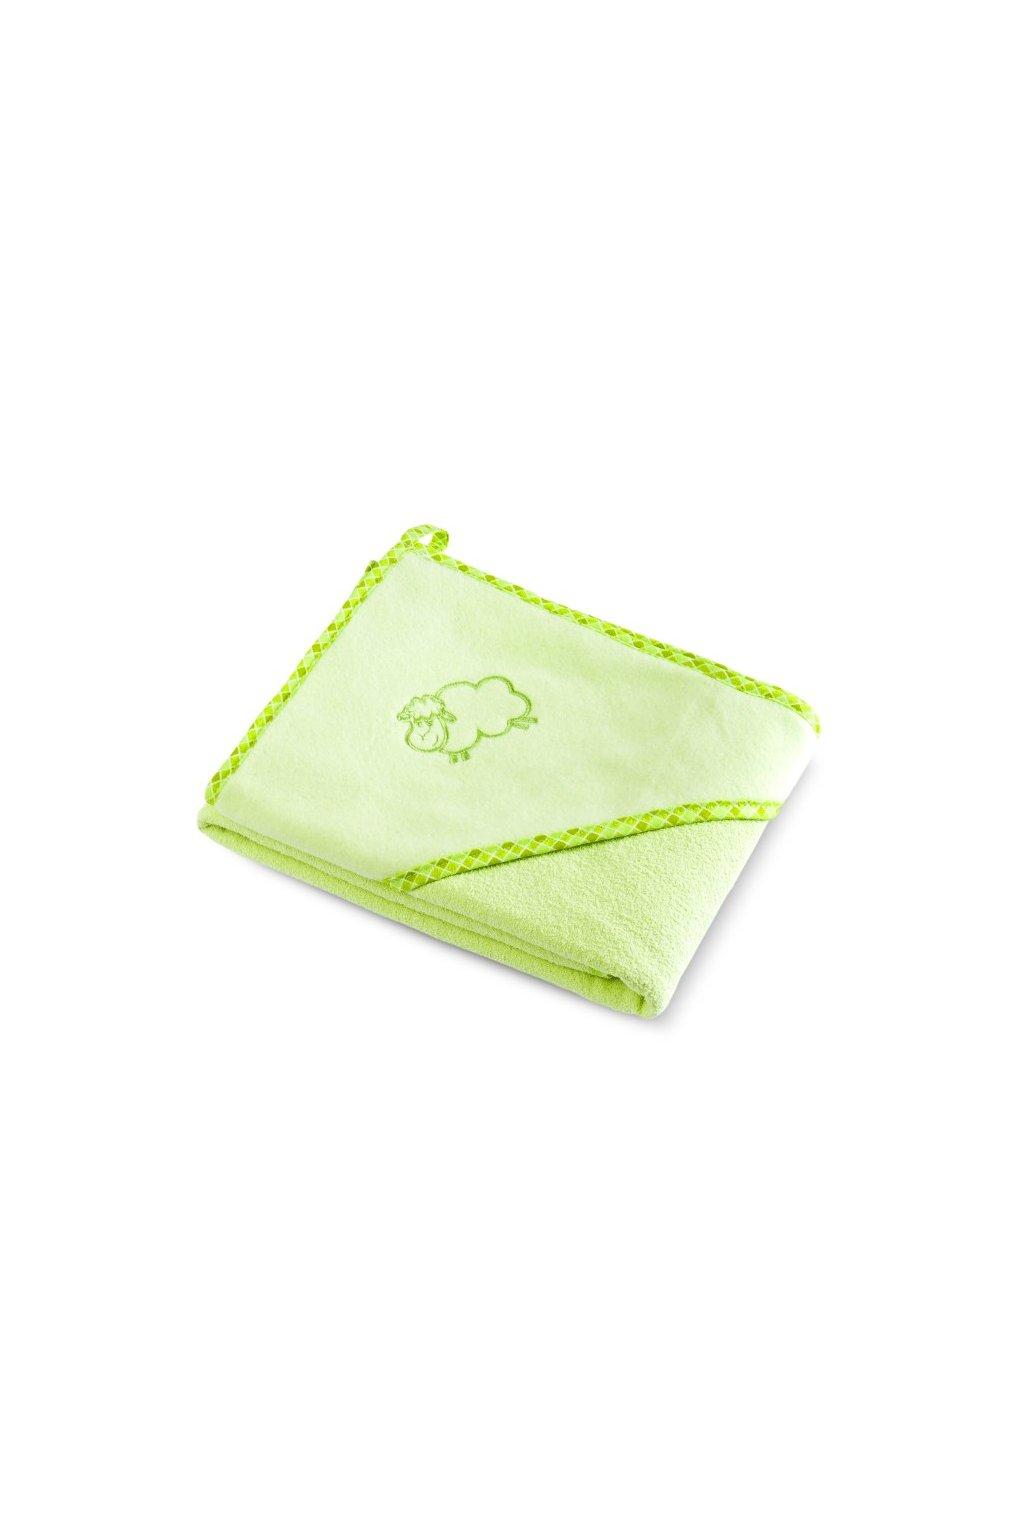 Detská osuška Sensillo Ovečka 80x80 cm zelená